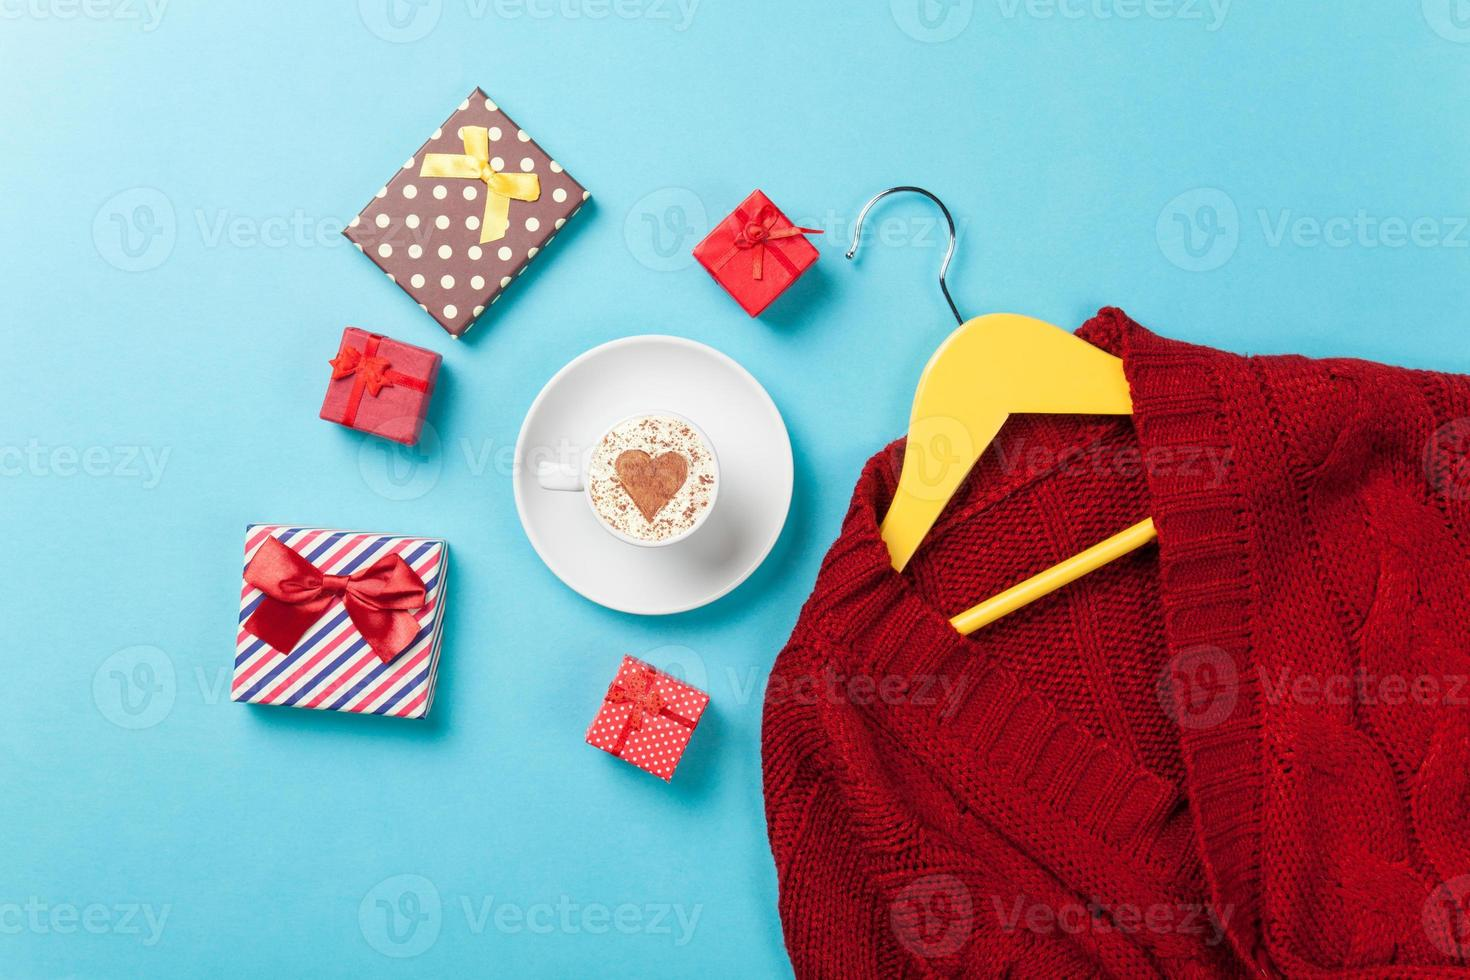 regalos y percha con suéter rojo foto